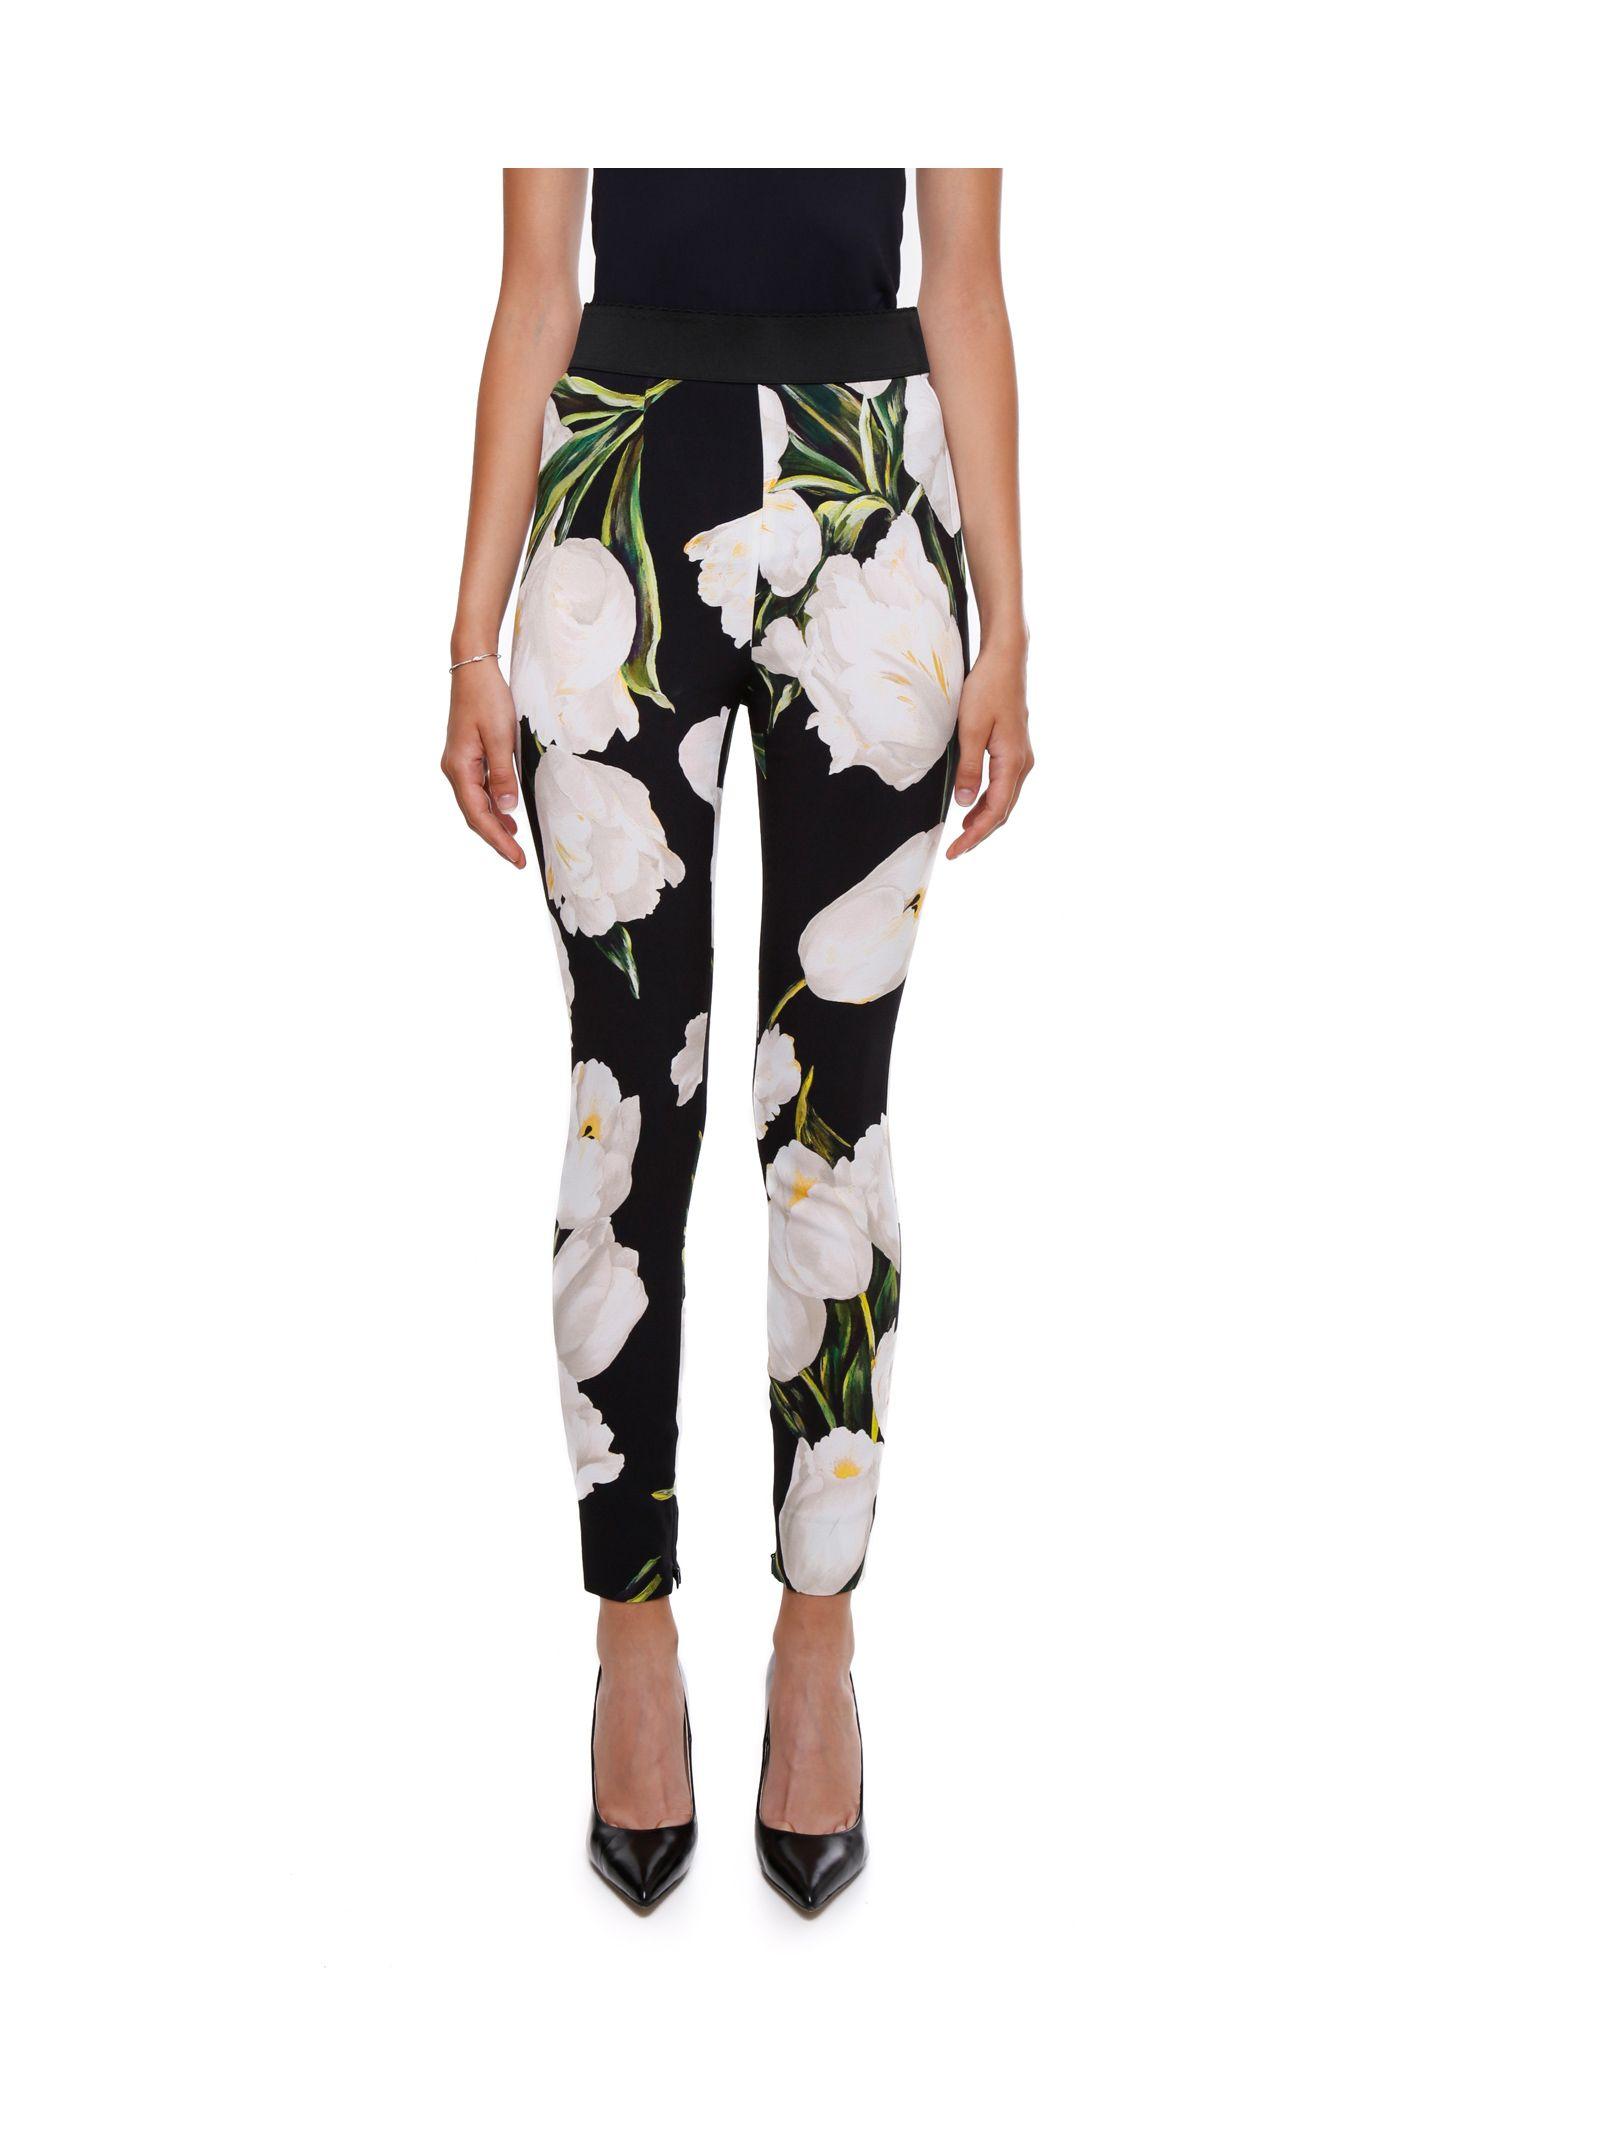 Pantaloni de damă DOLCE & GABBANA, elastici, cu talie înaltă și imprimeu floral